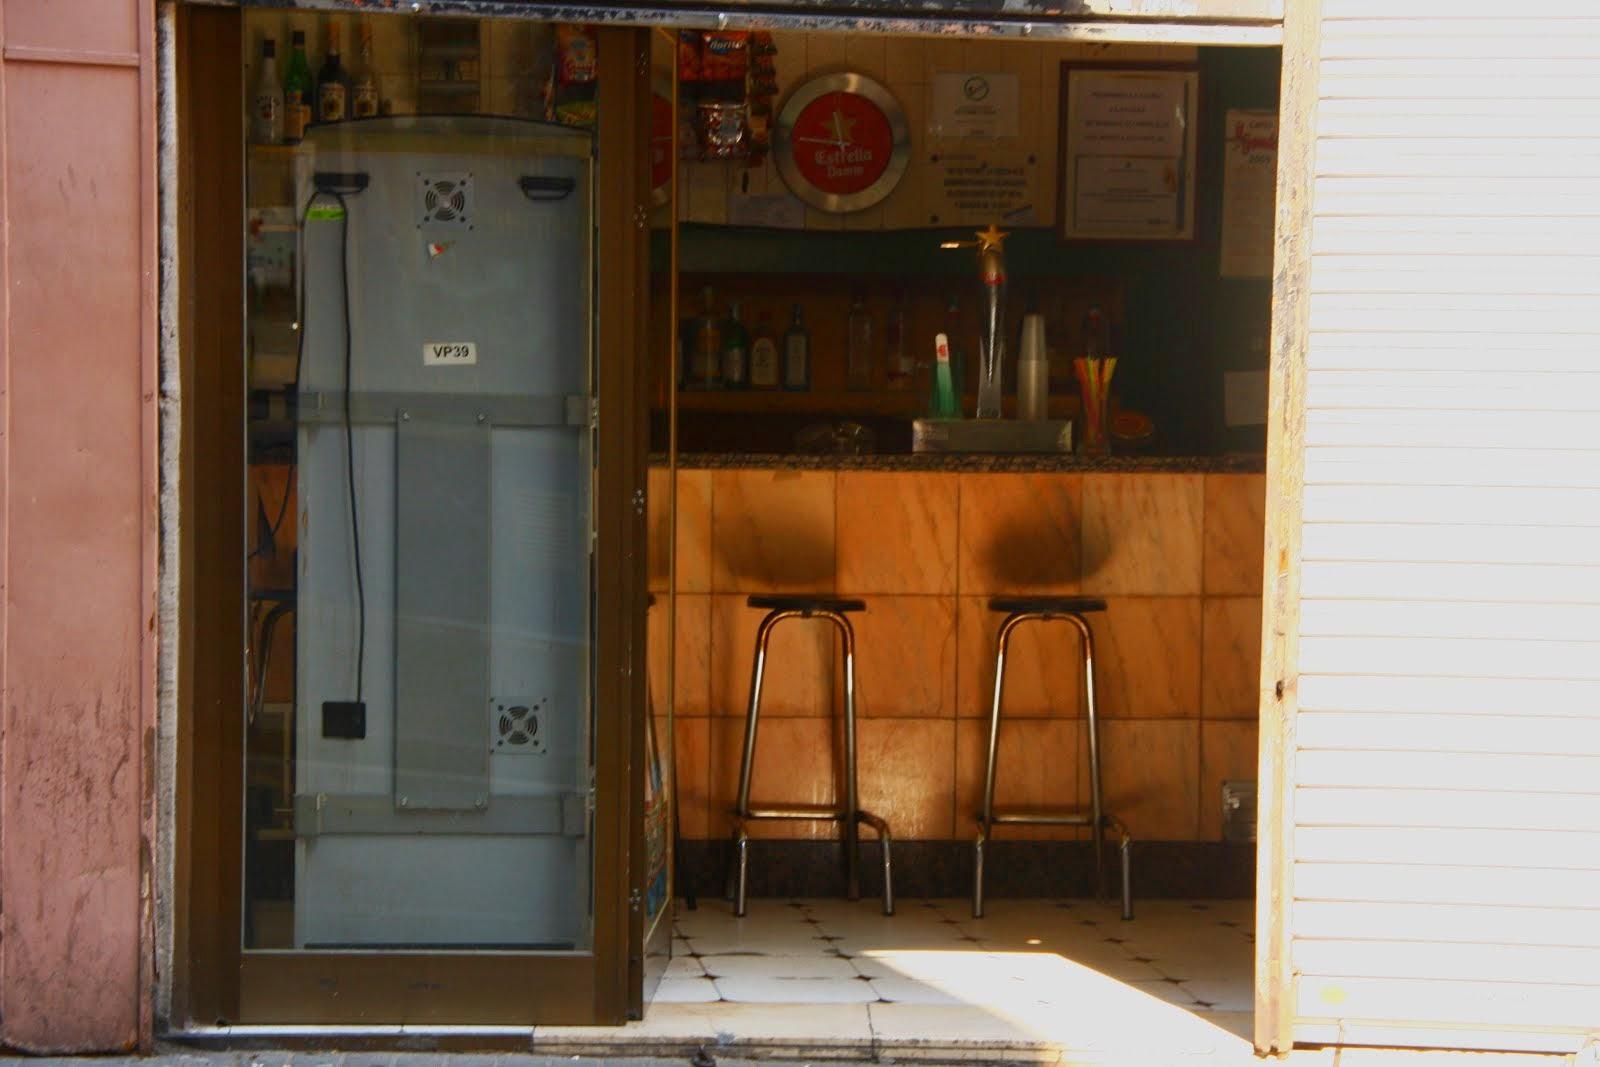 Barcelona bar 10 a.m.